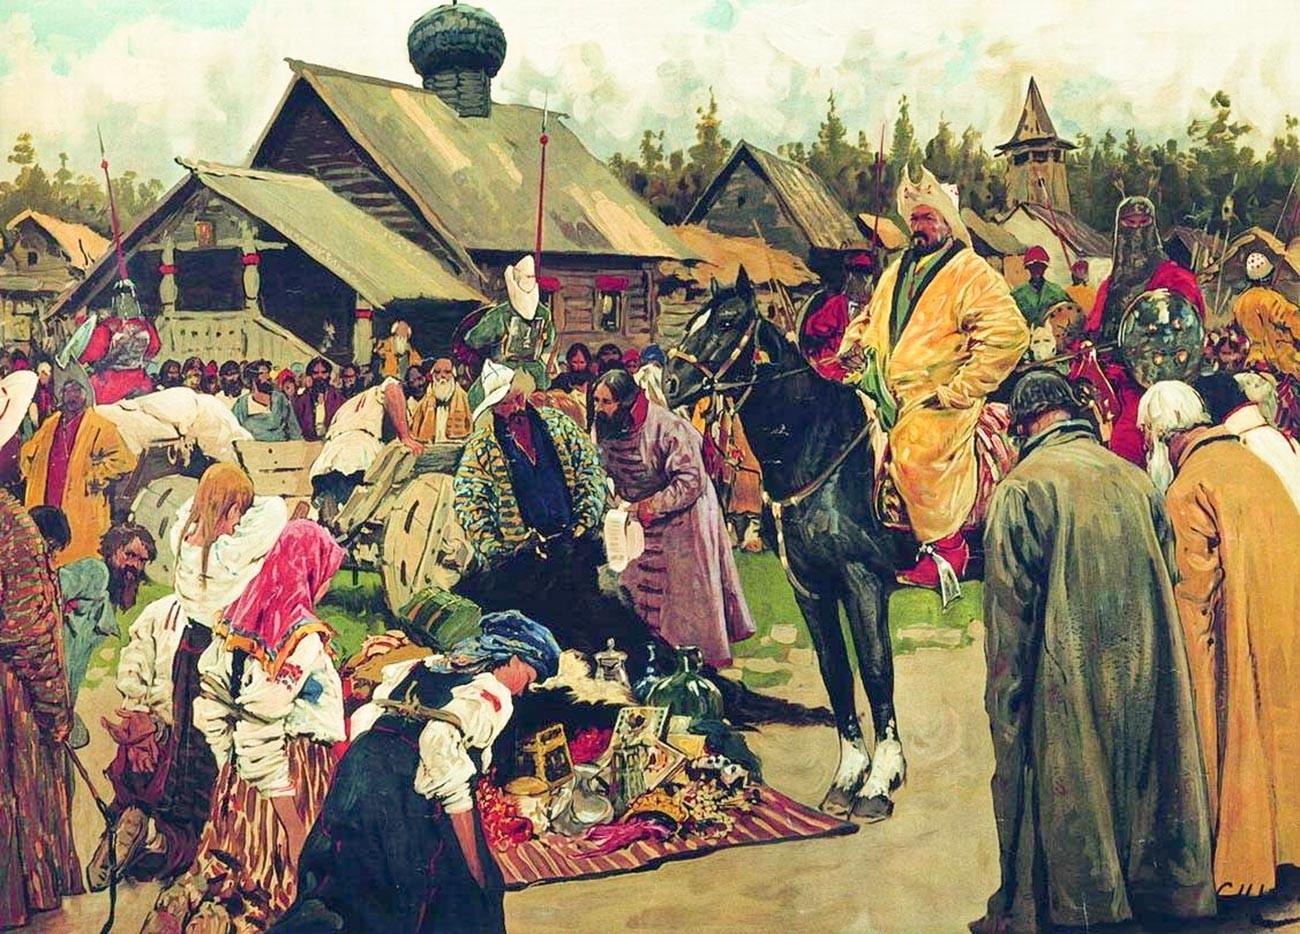 Les baskaks recevant le tribut, toile de Sergueï Ivanov